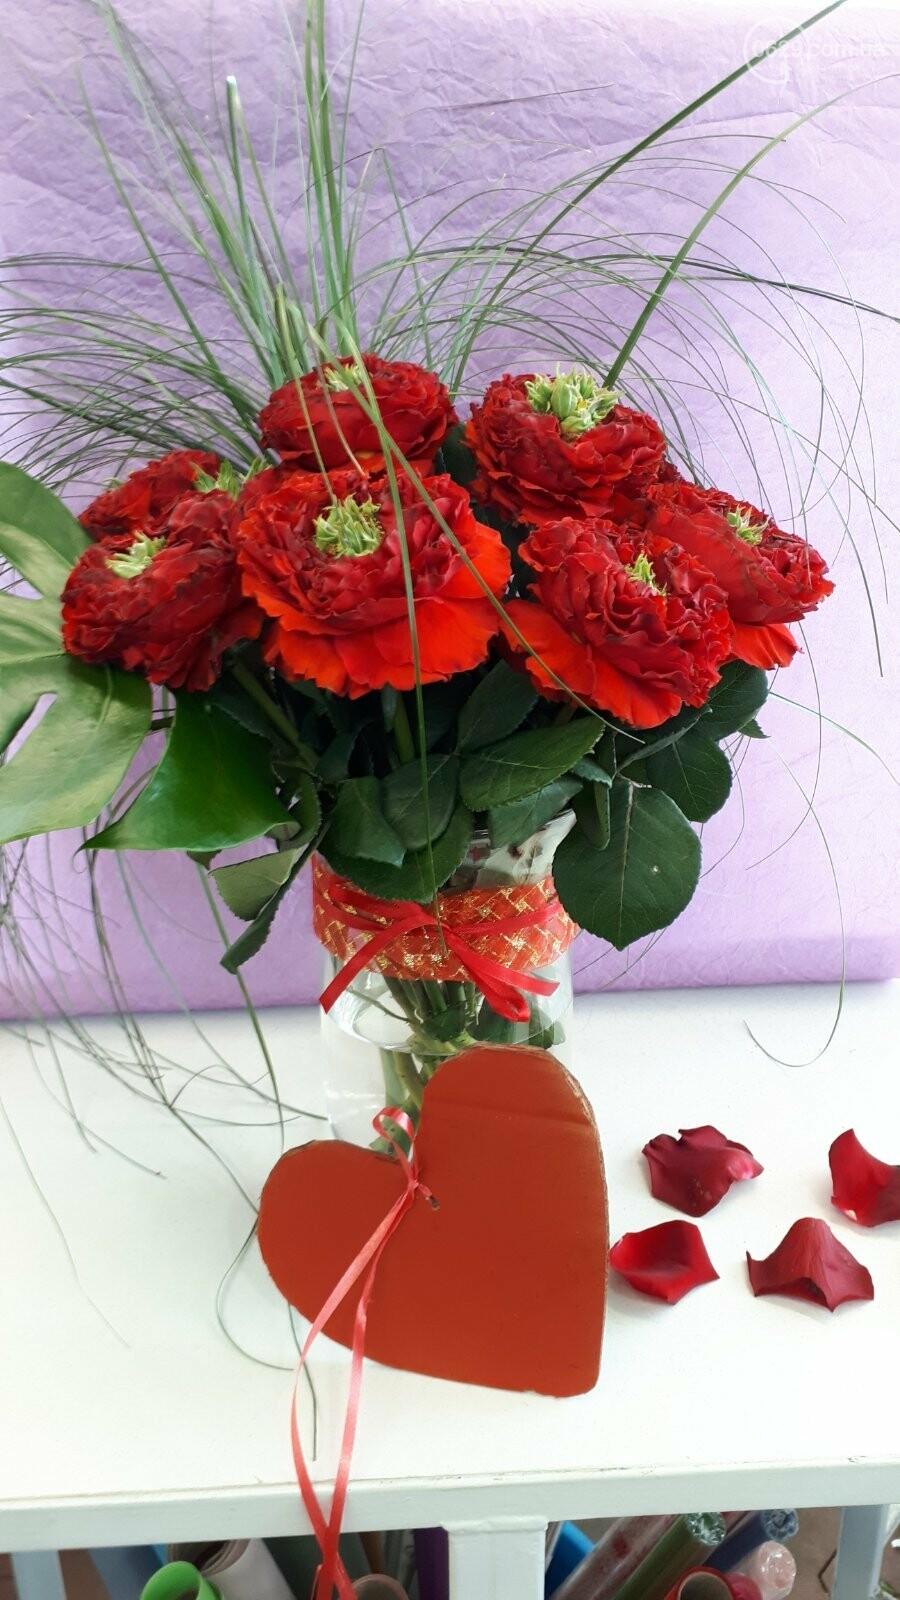 Что подарить парню на 14 февраля? Что подарить девушке на День влюбленных? 9 лучших идей  , фото-7